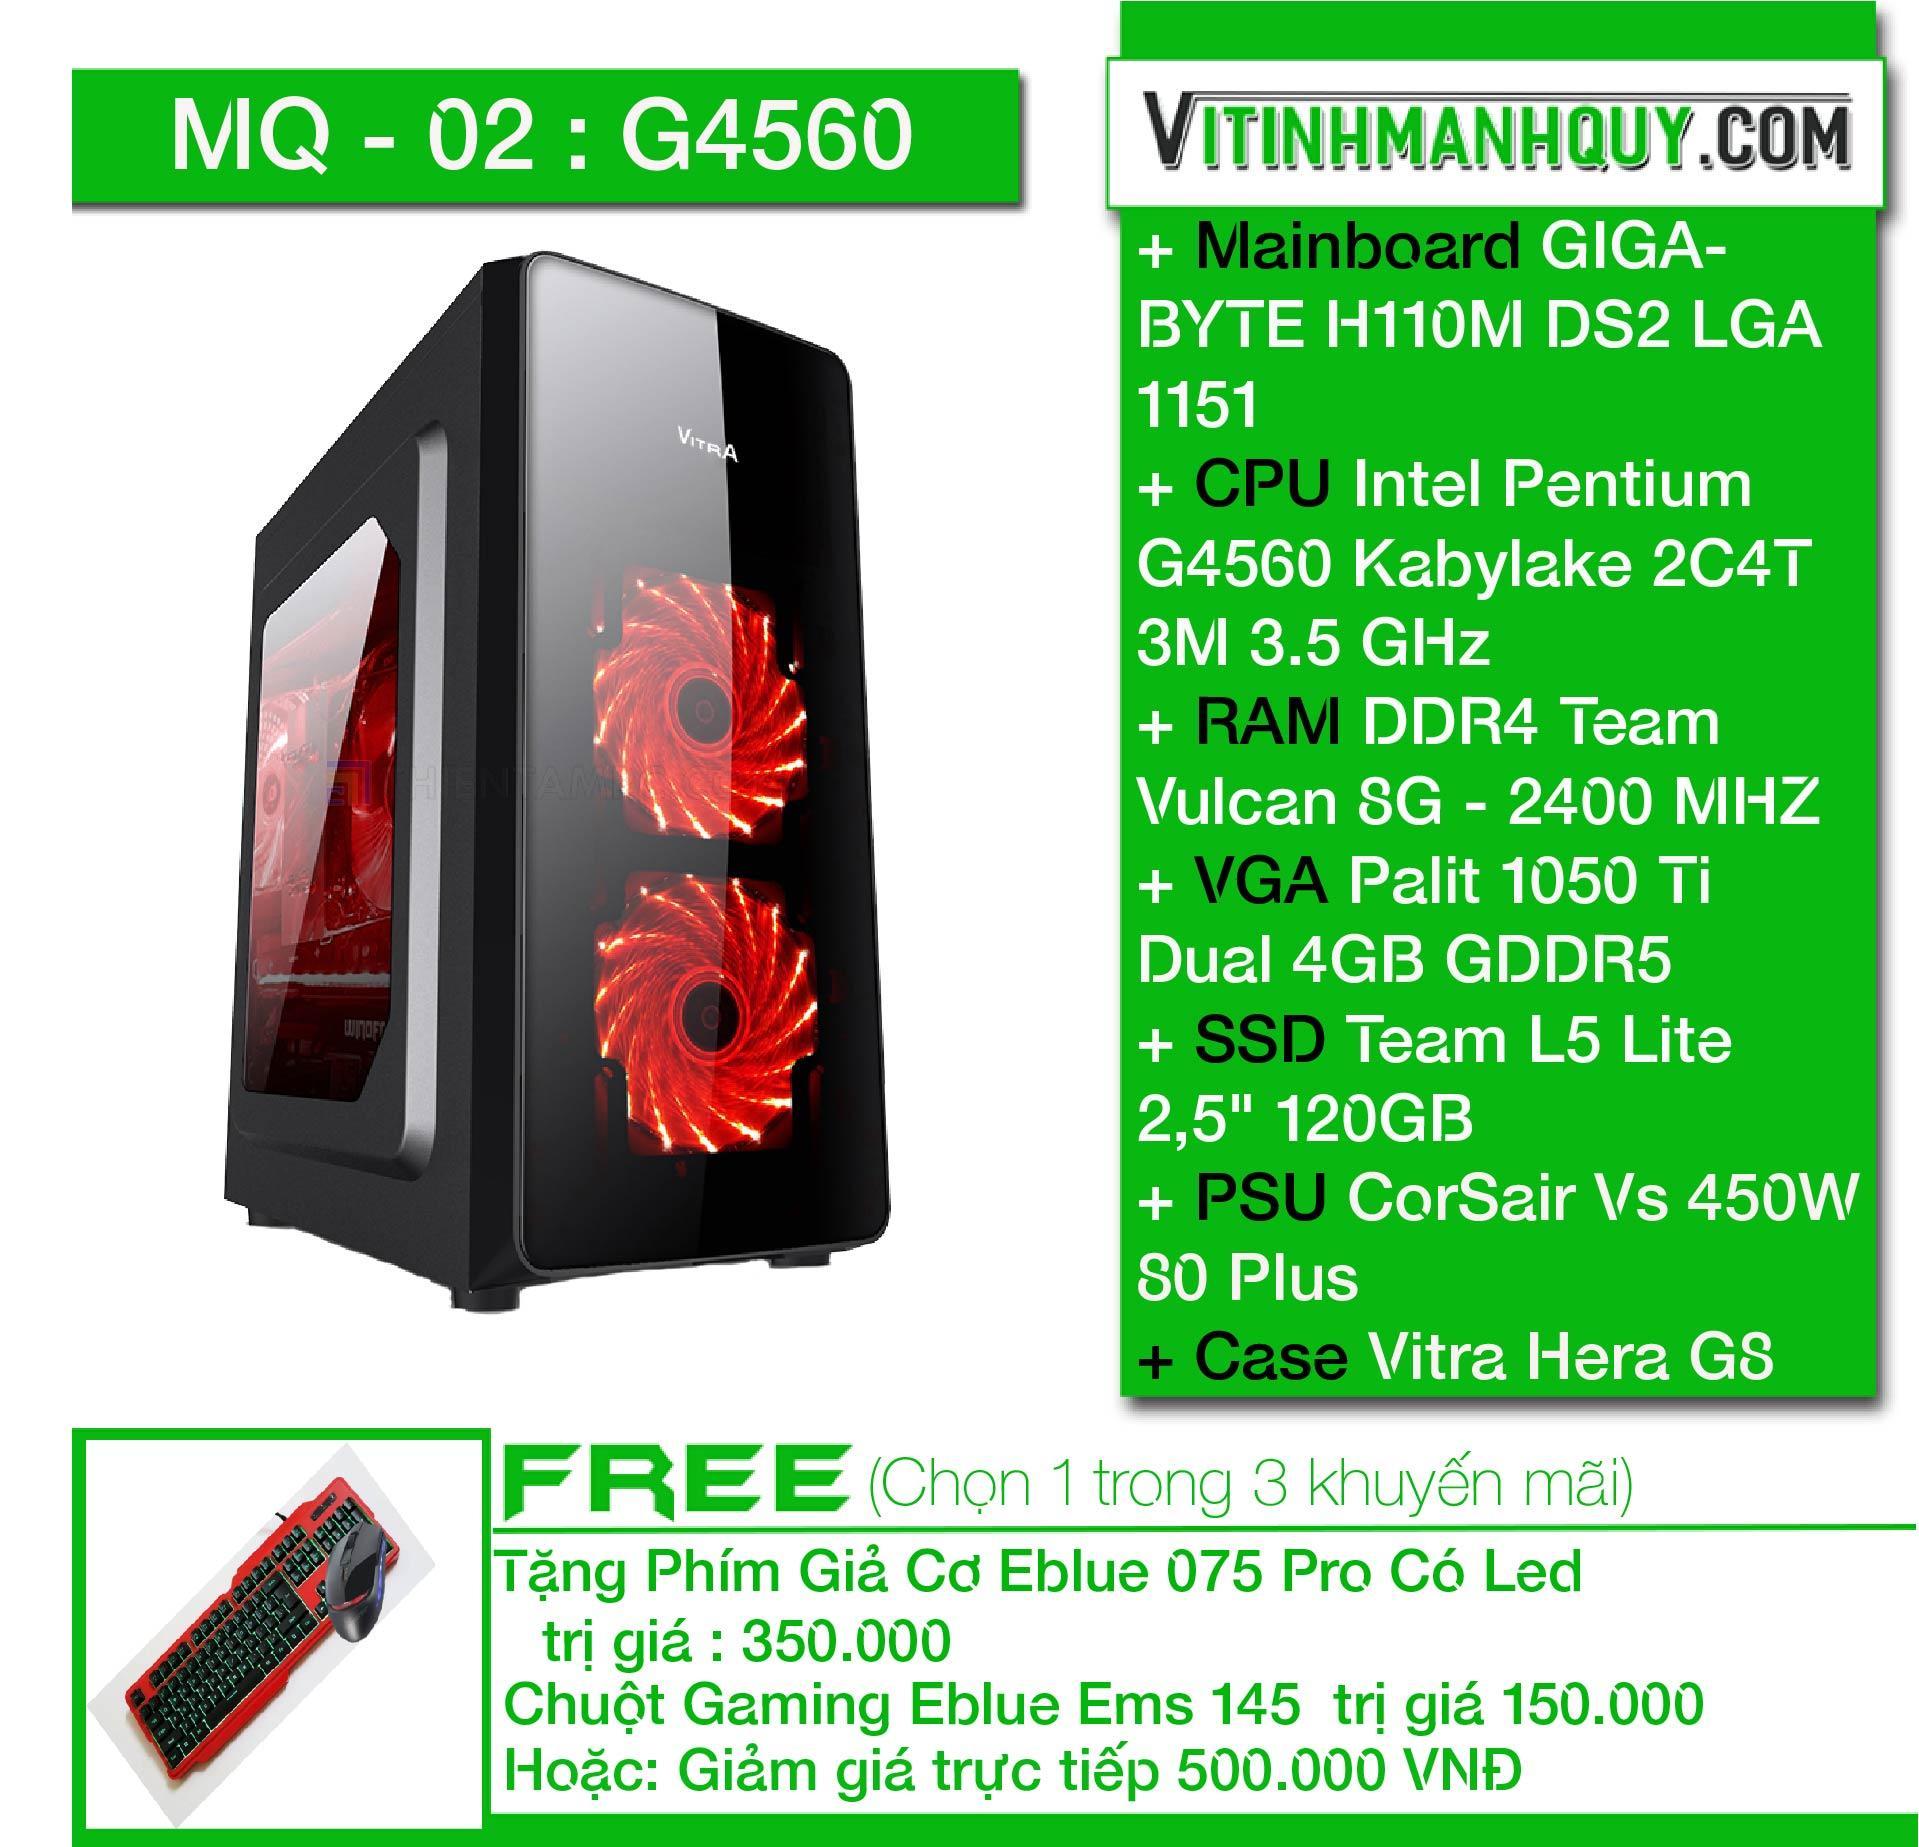 Hình ảnh MQ02G4560 - may bo HI END chuyen game - CaseVitra Hera G8 Black - Intel Pentium G4560 Kabylake 2C4T 3M 3.5 GHz - VGAPalit 1050 Ti Dual 4GBGDDR5 - DDR4 Team Vulcan 8G - 2400 MHZ - SSD Team L5 Lite 2,5